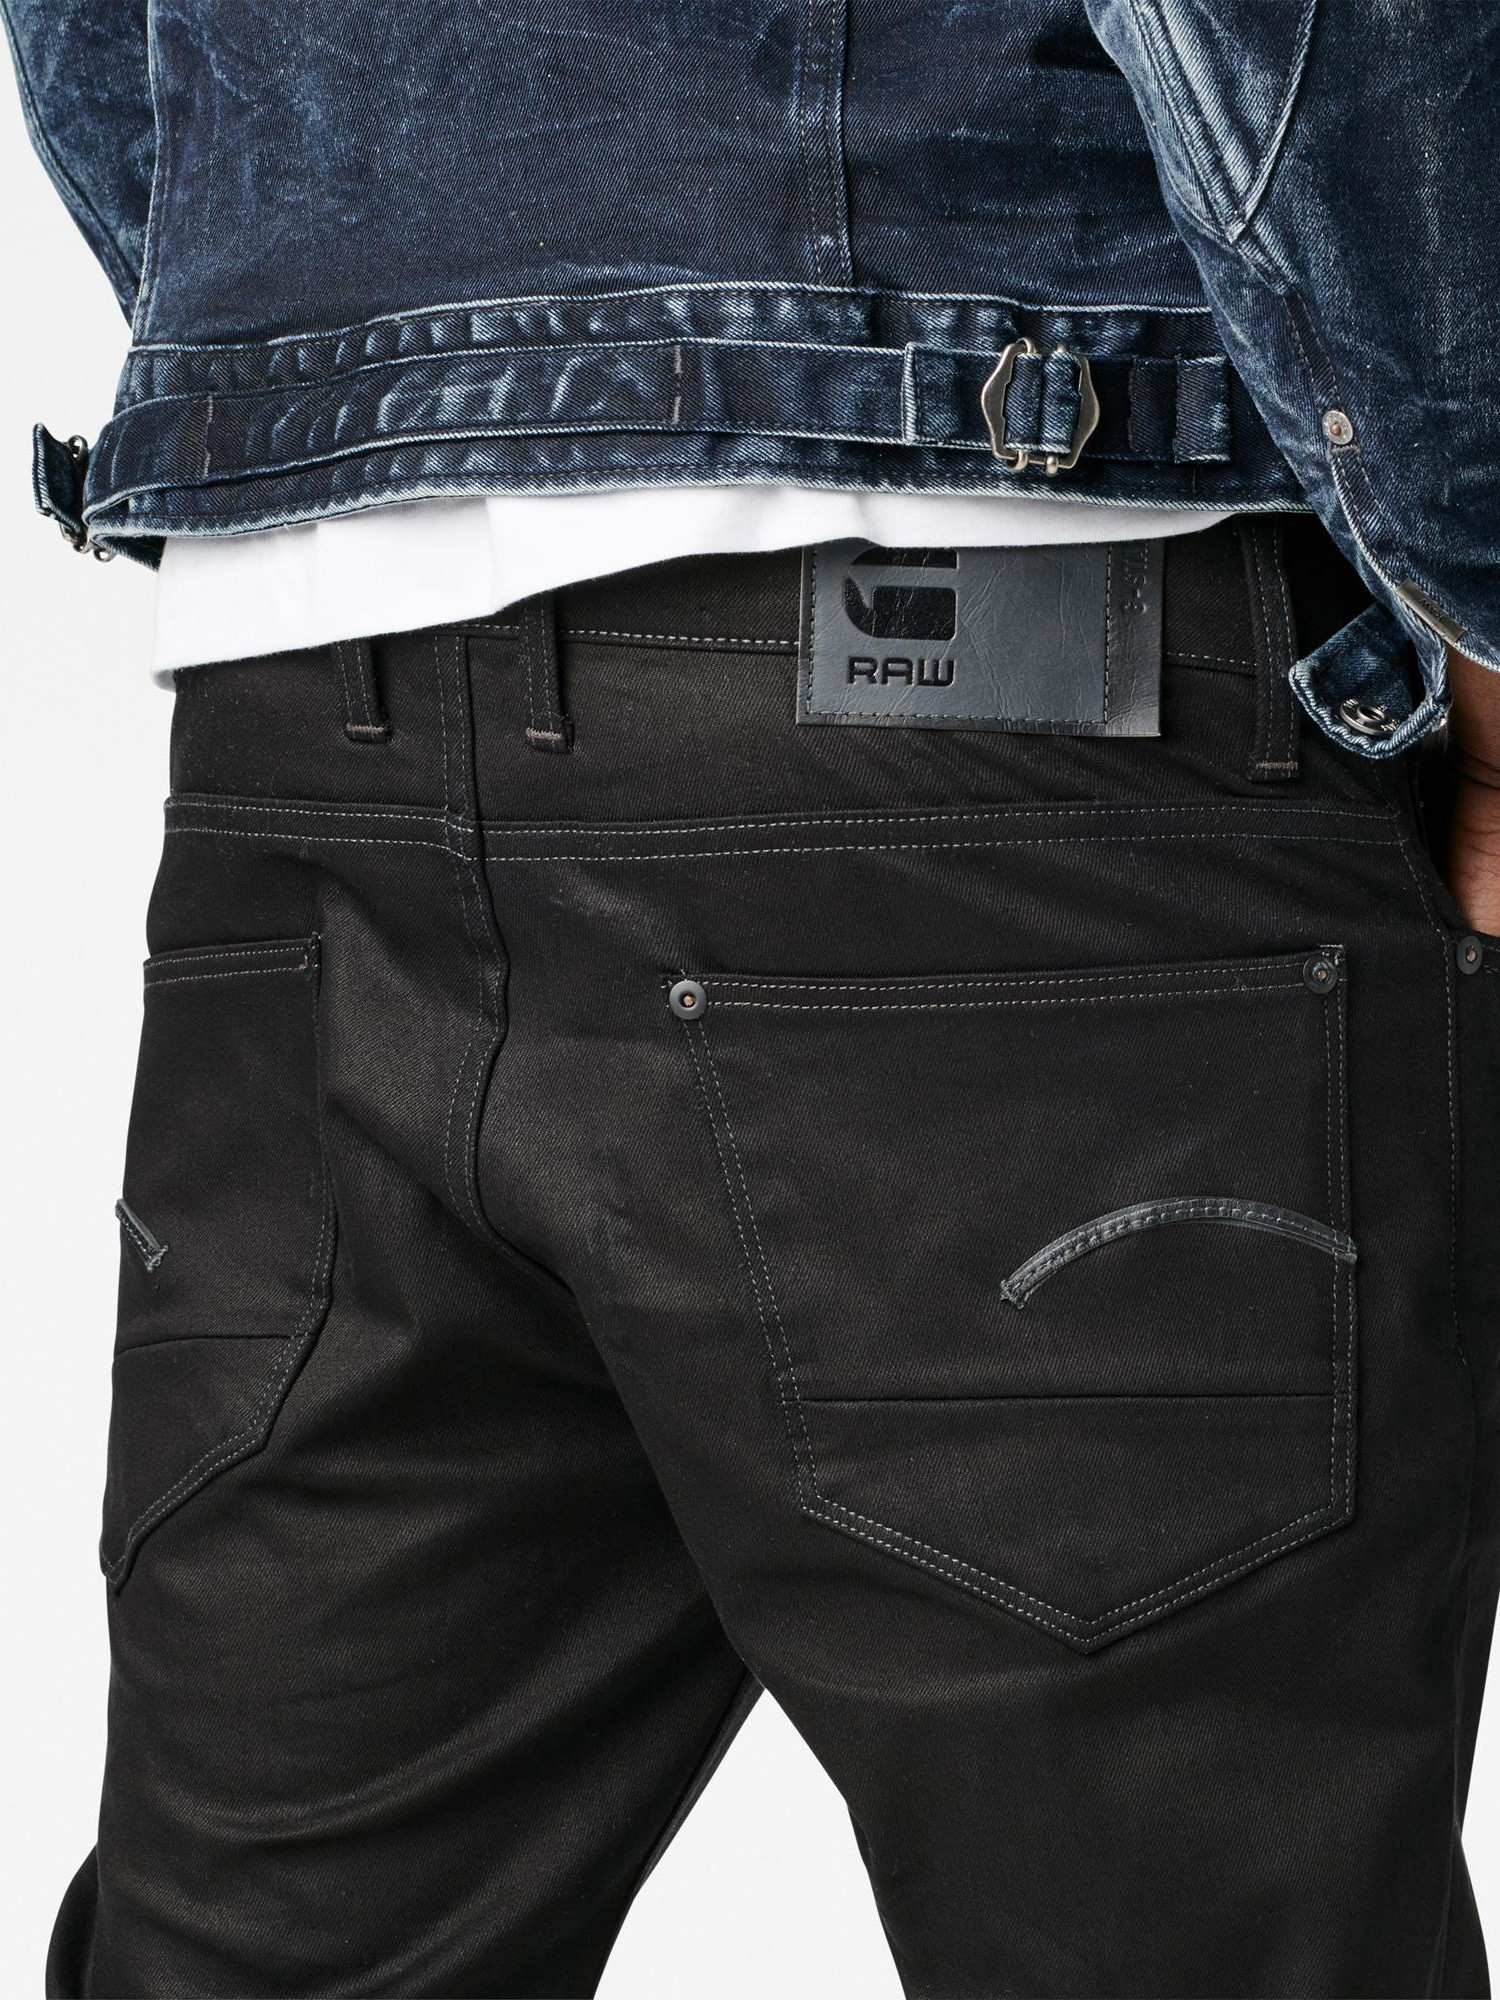 b2347e7c902 G-Star RAW Revend Straight Jeans in Black for Men - Lyst